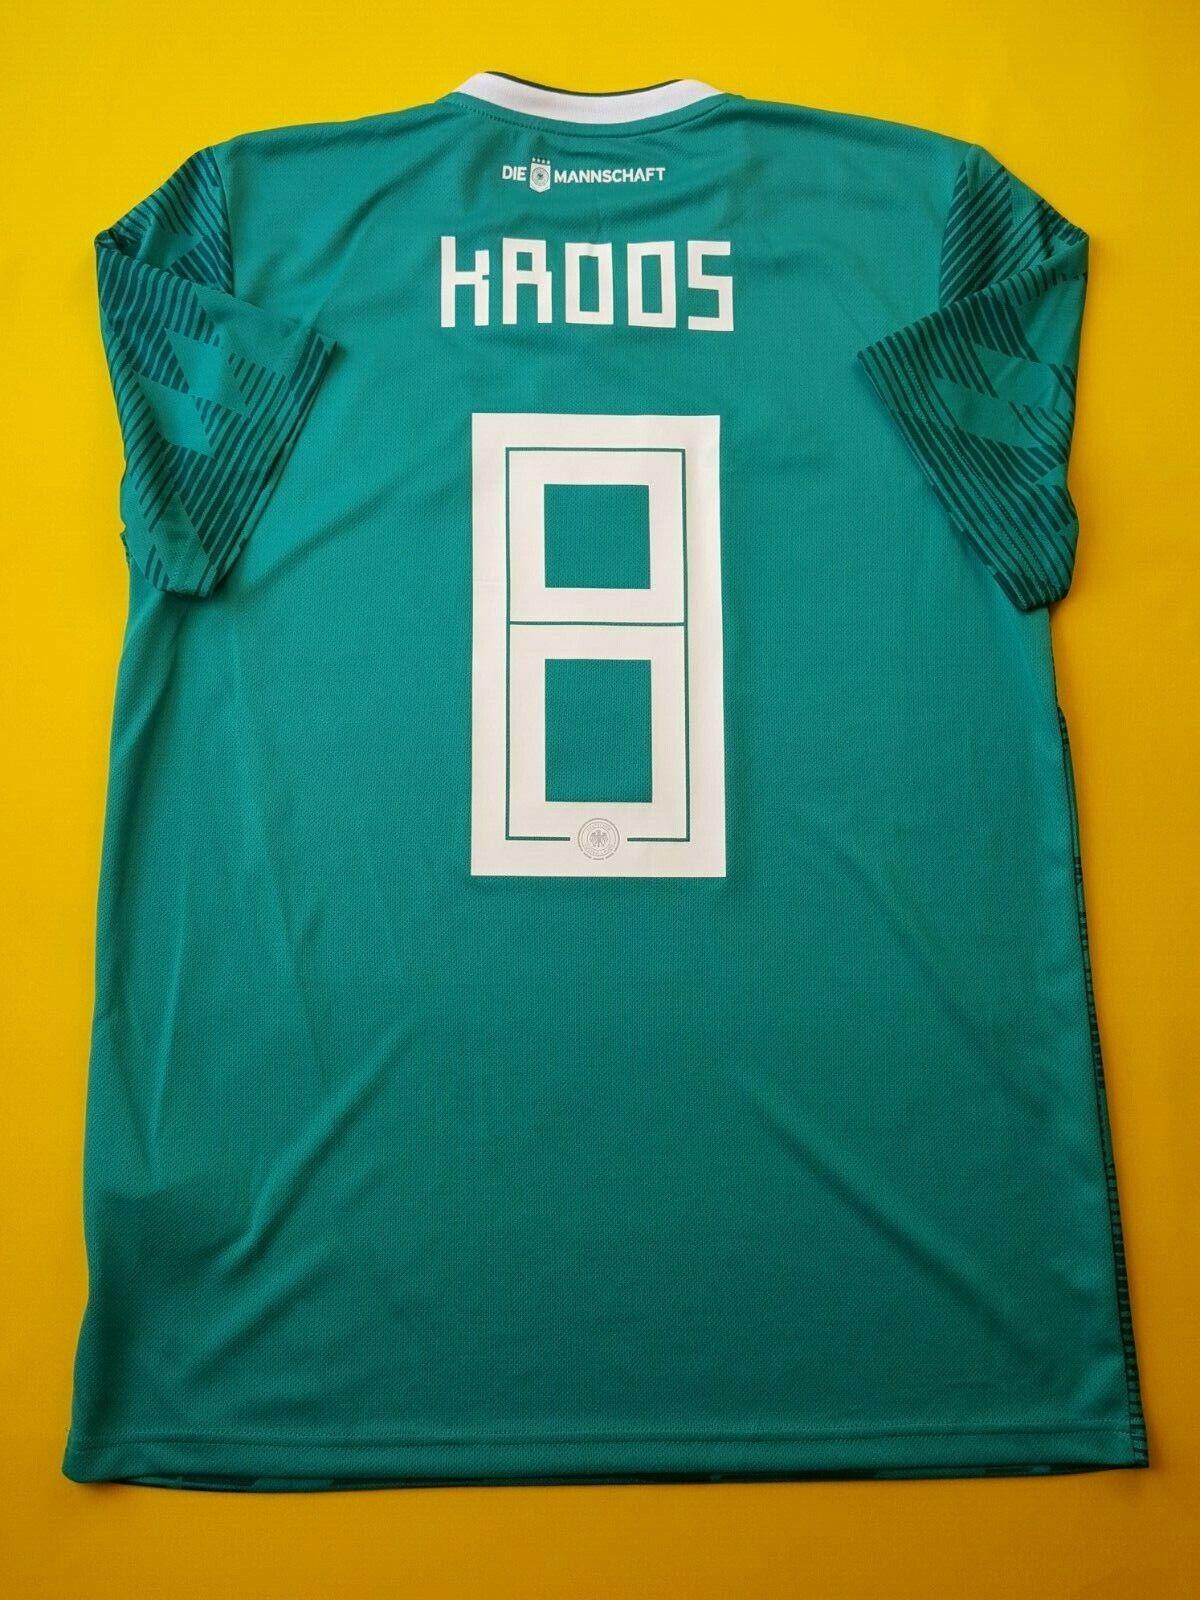 4.9 5 Kroos Germany soccer jersey medium 2018 shirt BR3144 football Adidas ig93